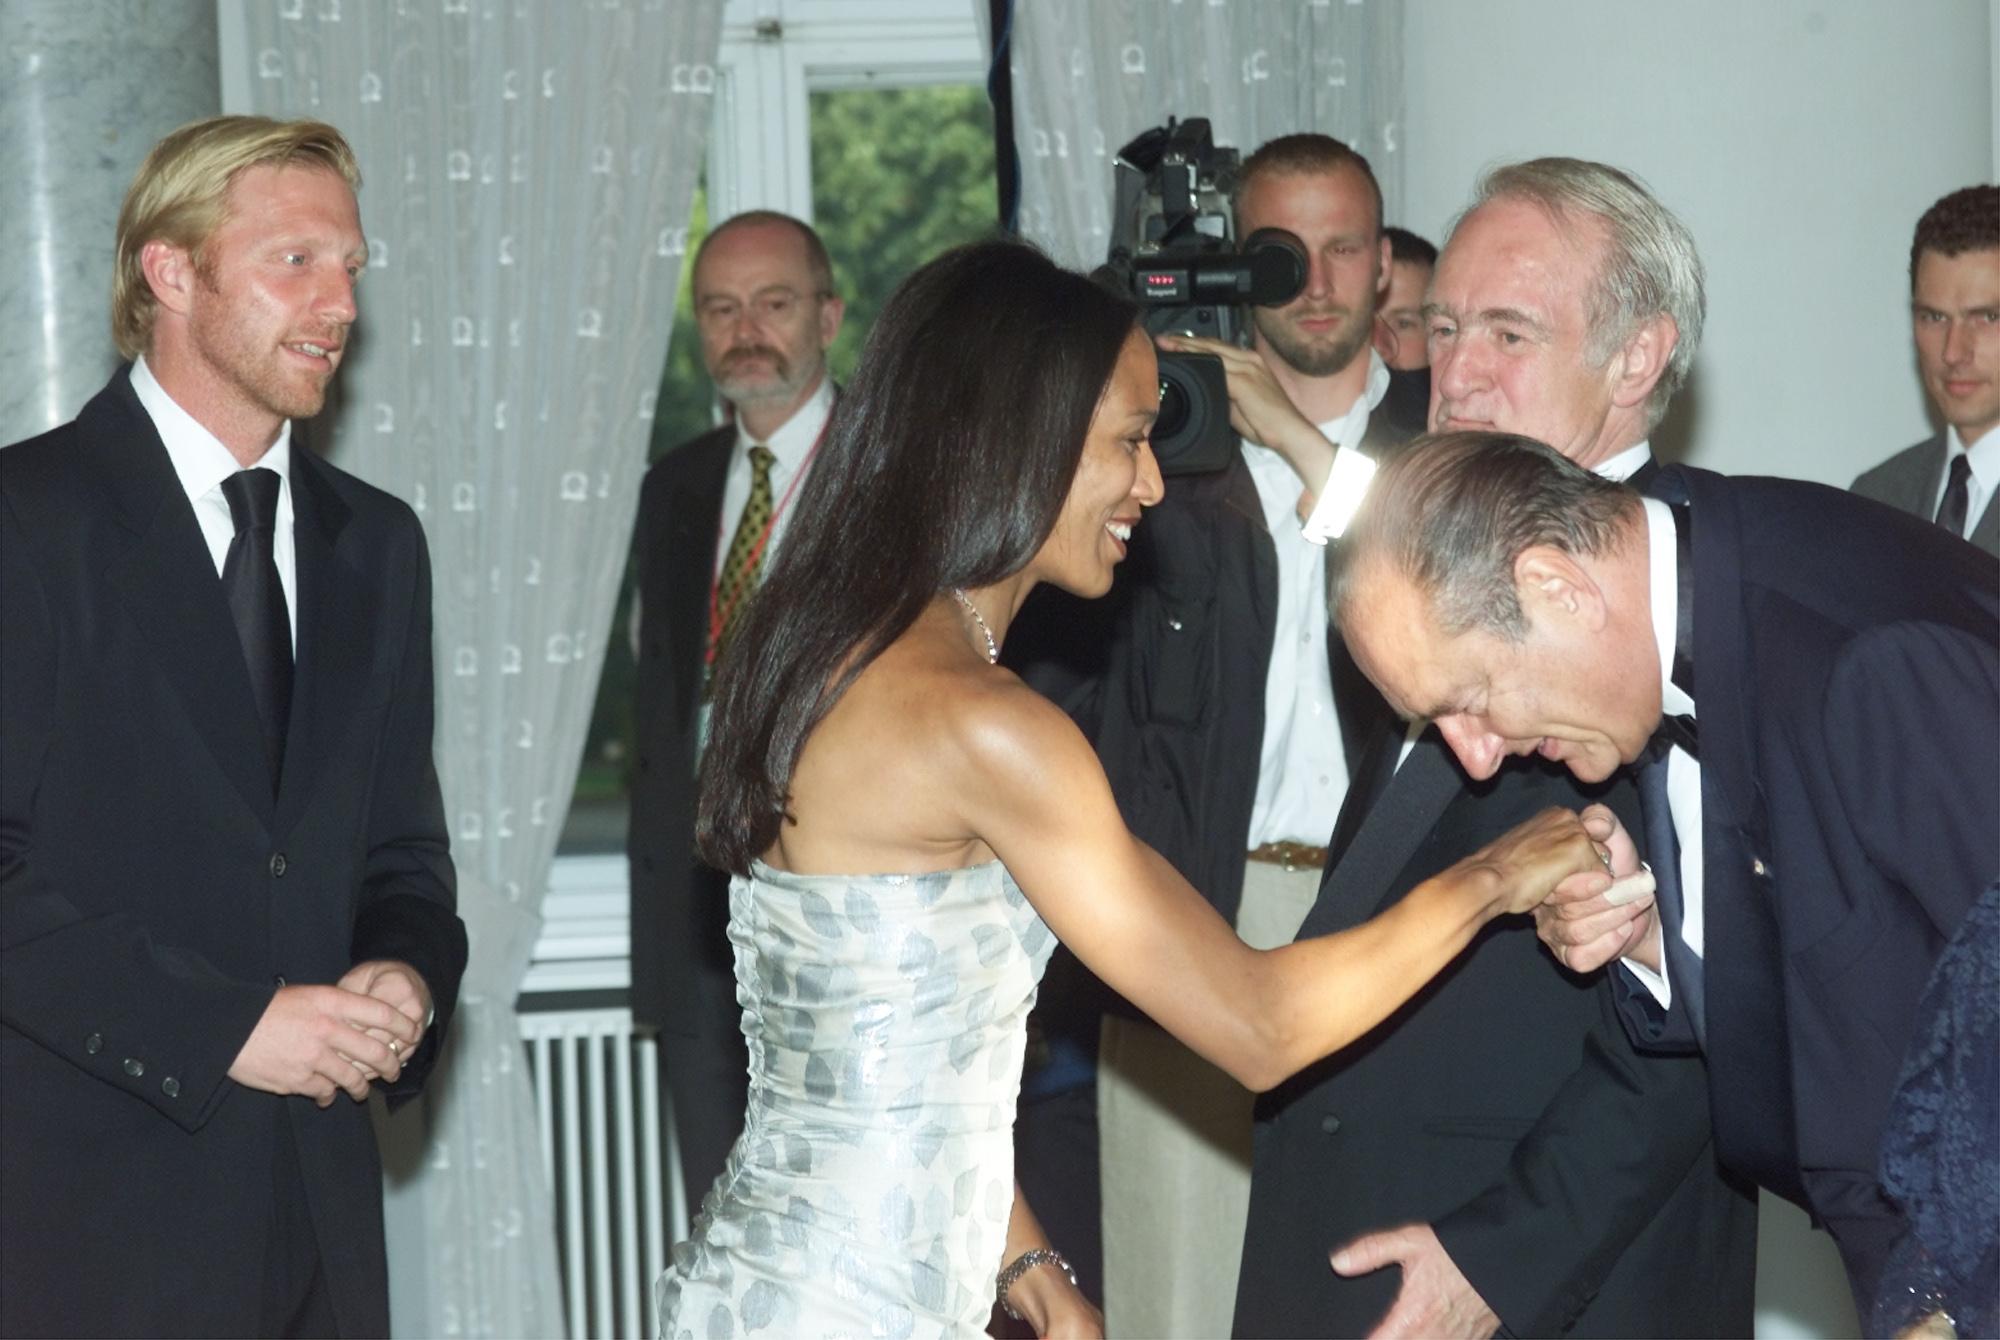 Χειροφίλημα Σιράκ στην σύζυγο του πρωταθλητή του τένις Μπόρις Μπέκερ